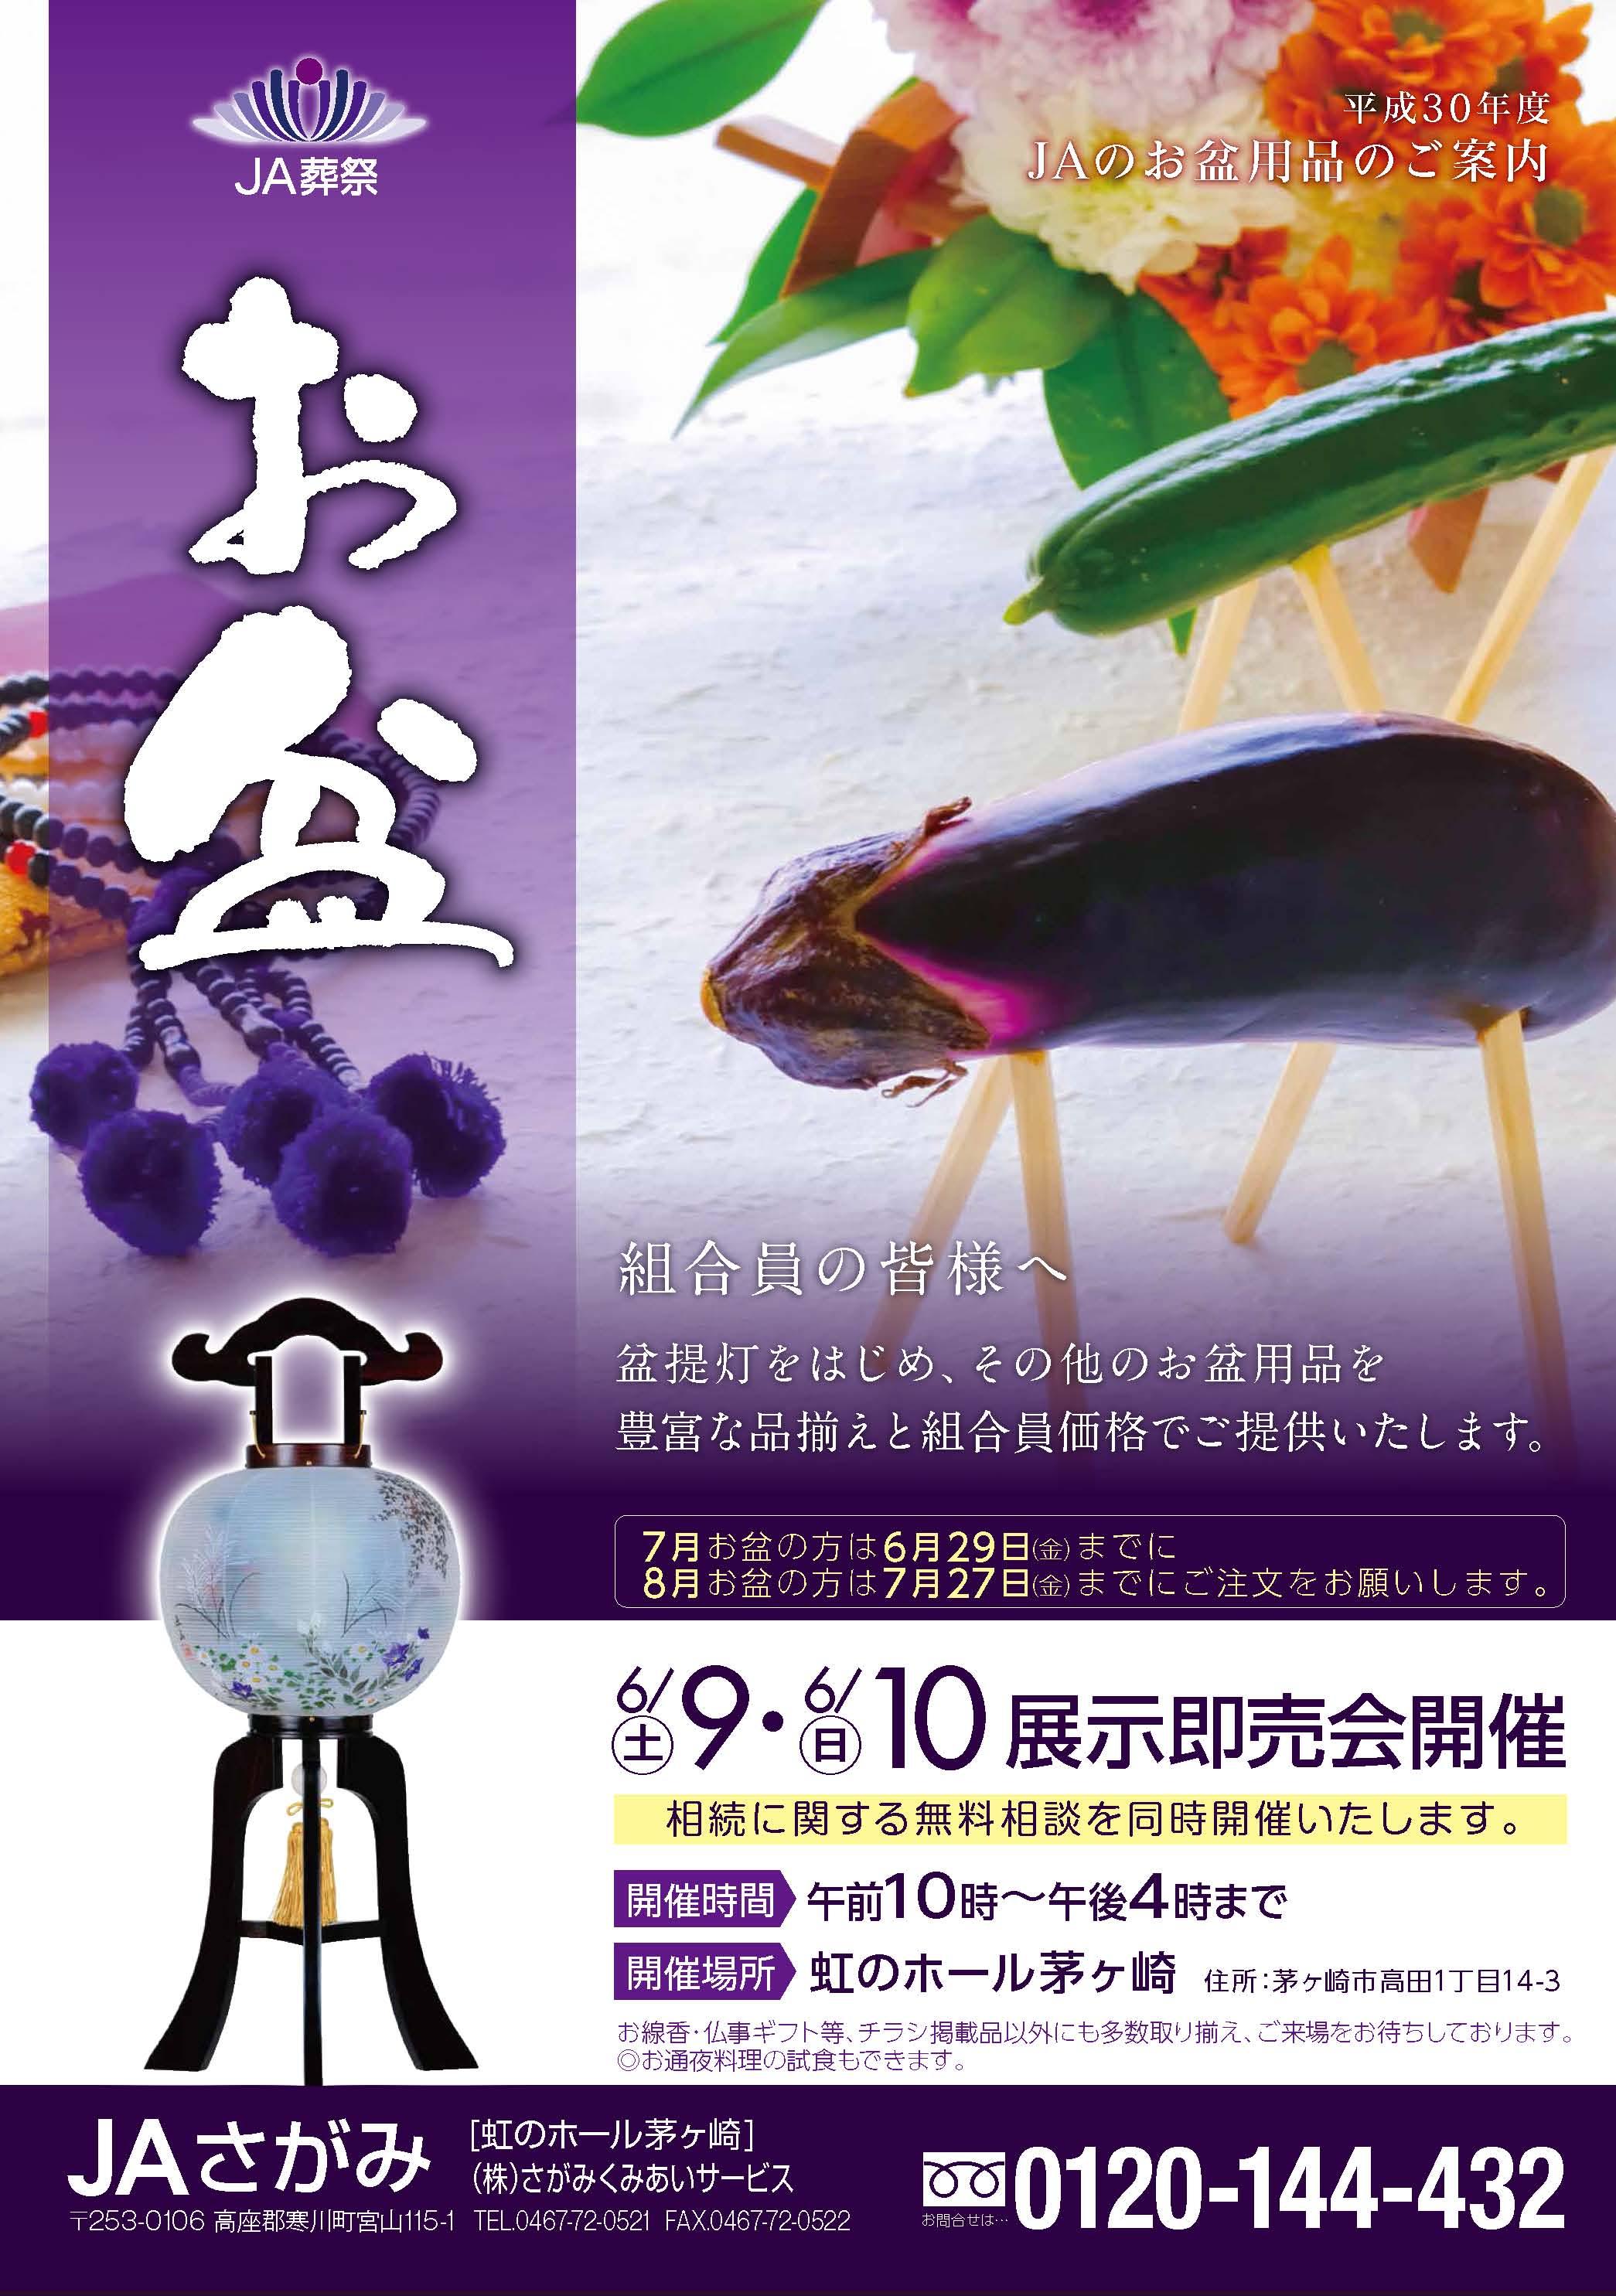 JAさがみ 虹のホール茅ヶ崎 お盆用品 展示即売会開催